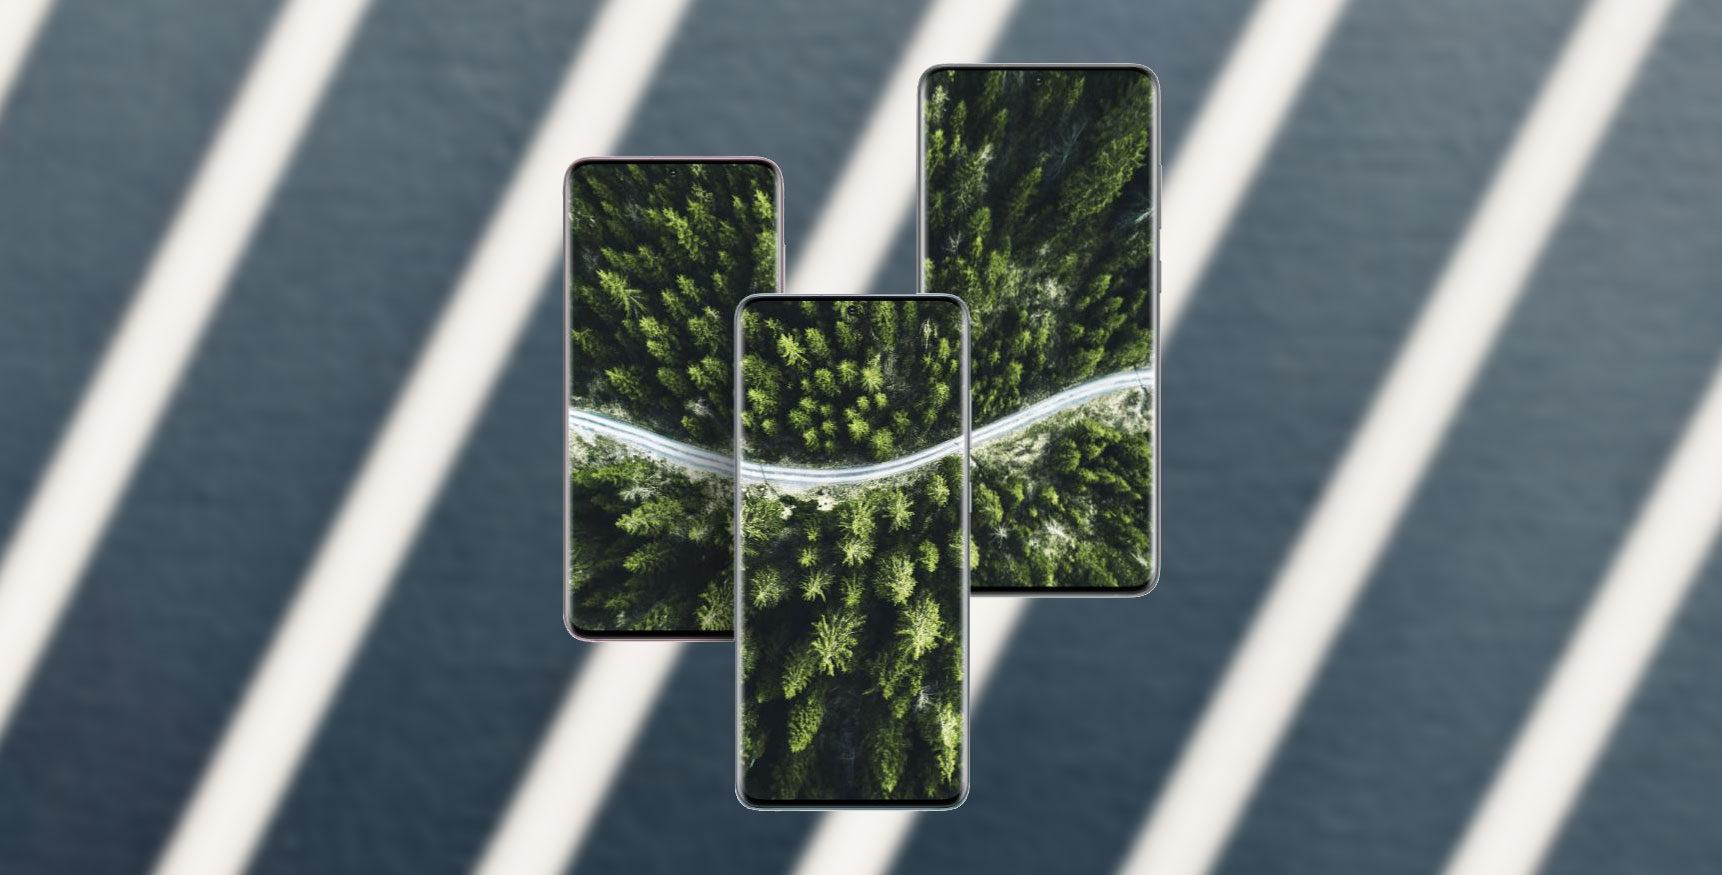 最上位モデル「Galaxy S21 Ultra」のバッテリー容量が判明 - S20Uから僅かに増加